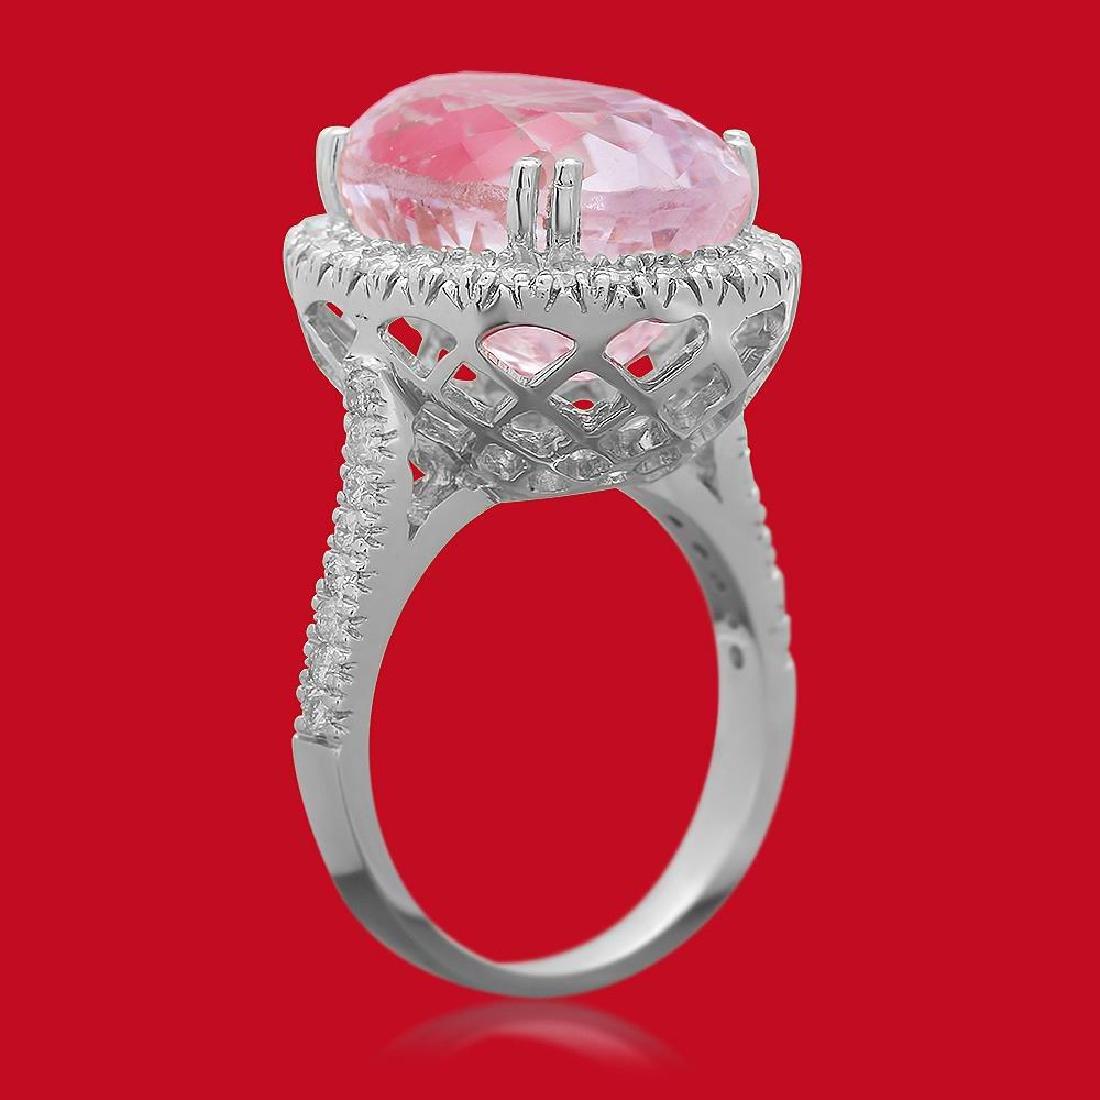 14K Gold 16.21ct Kunzite 1.02ct Diamond Ring - 2